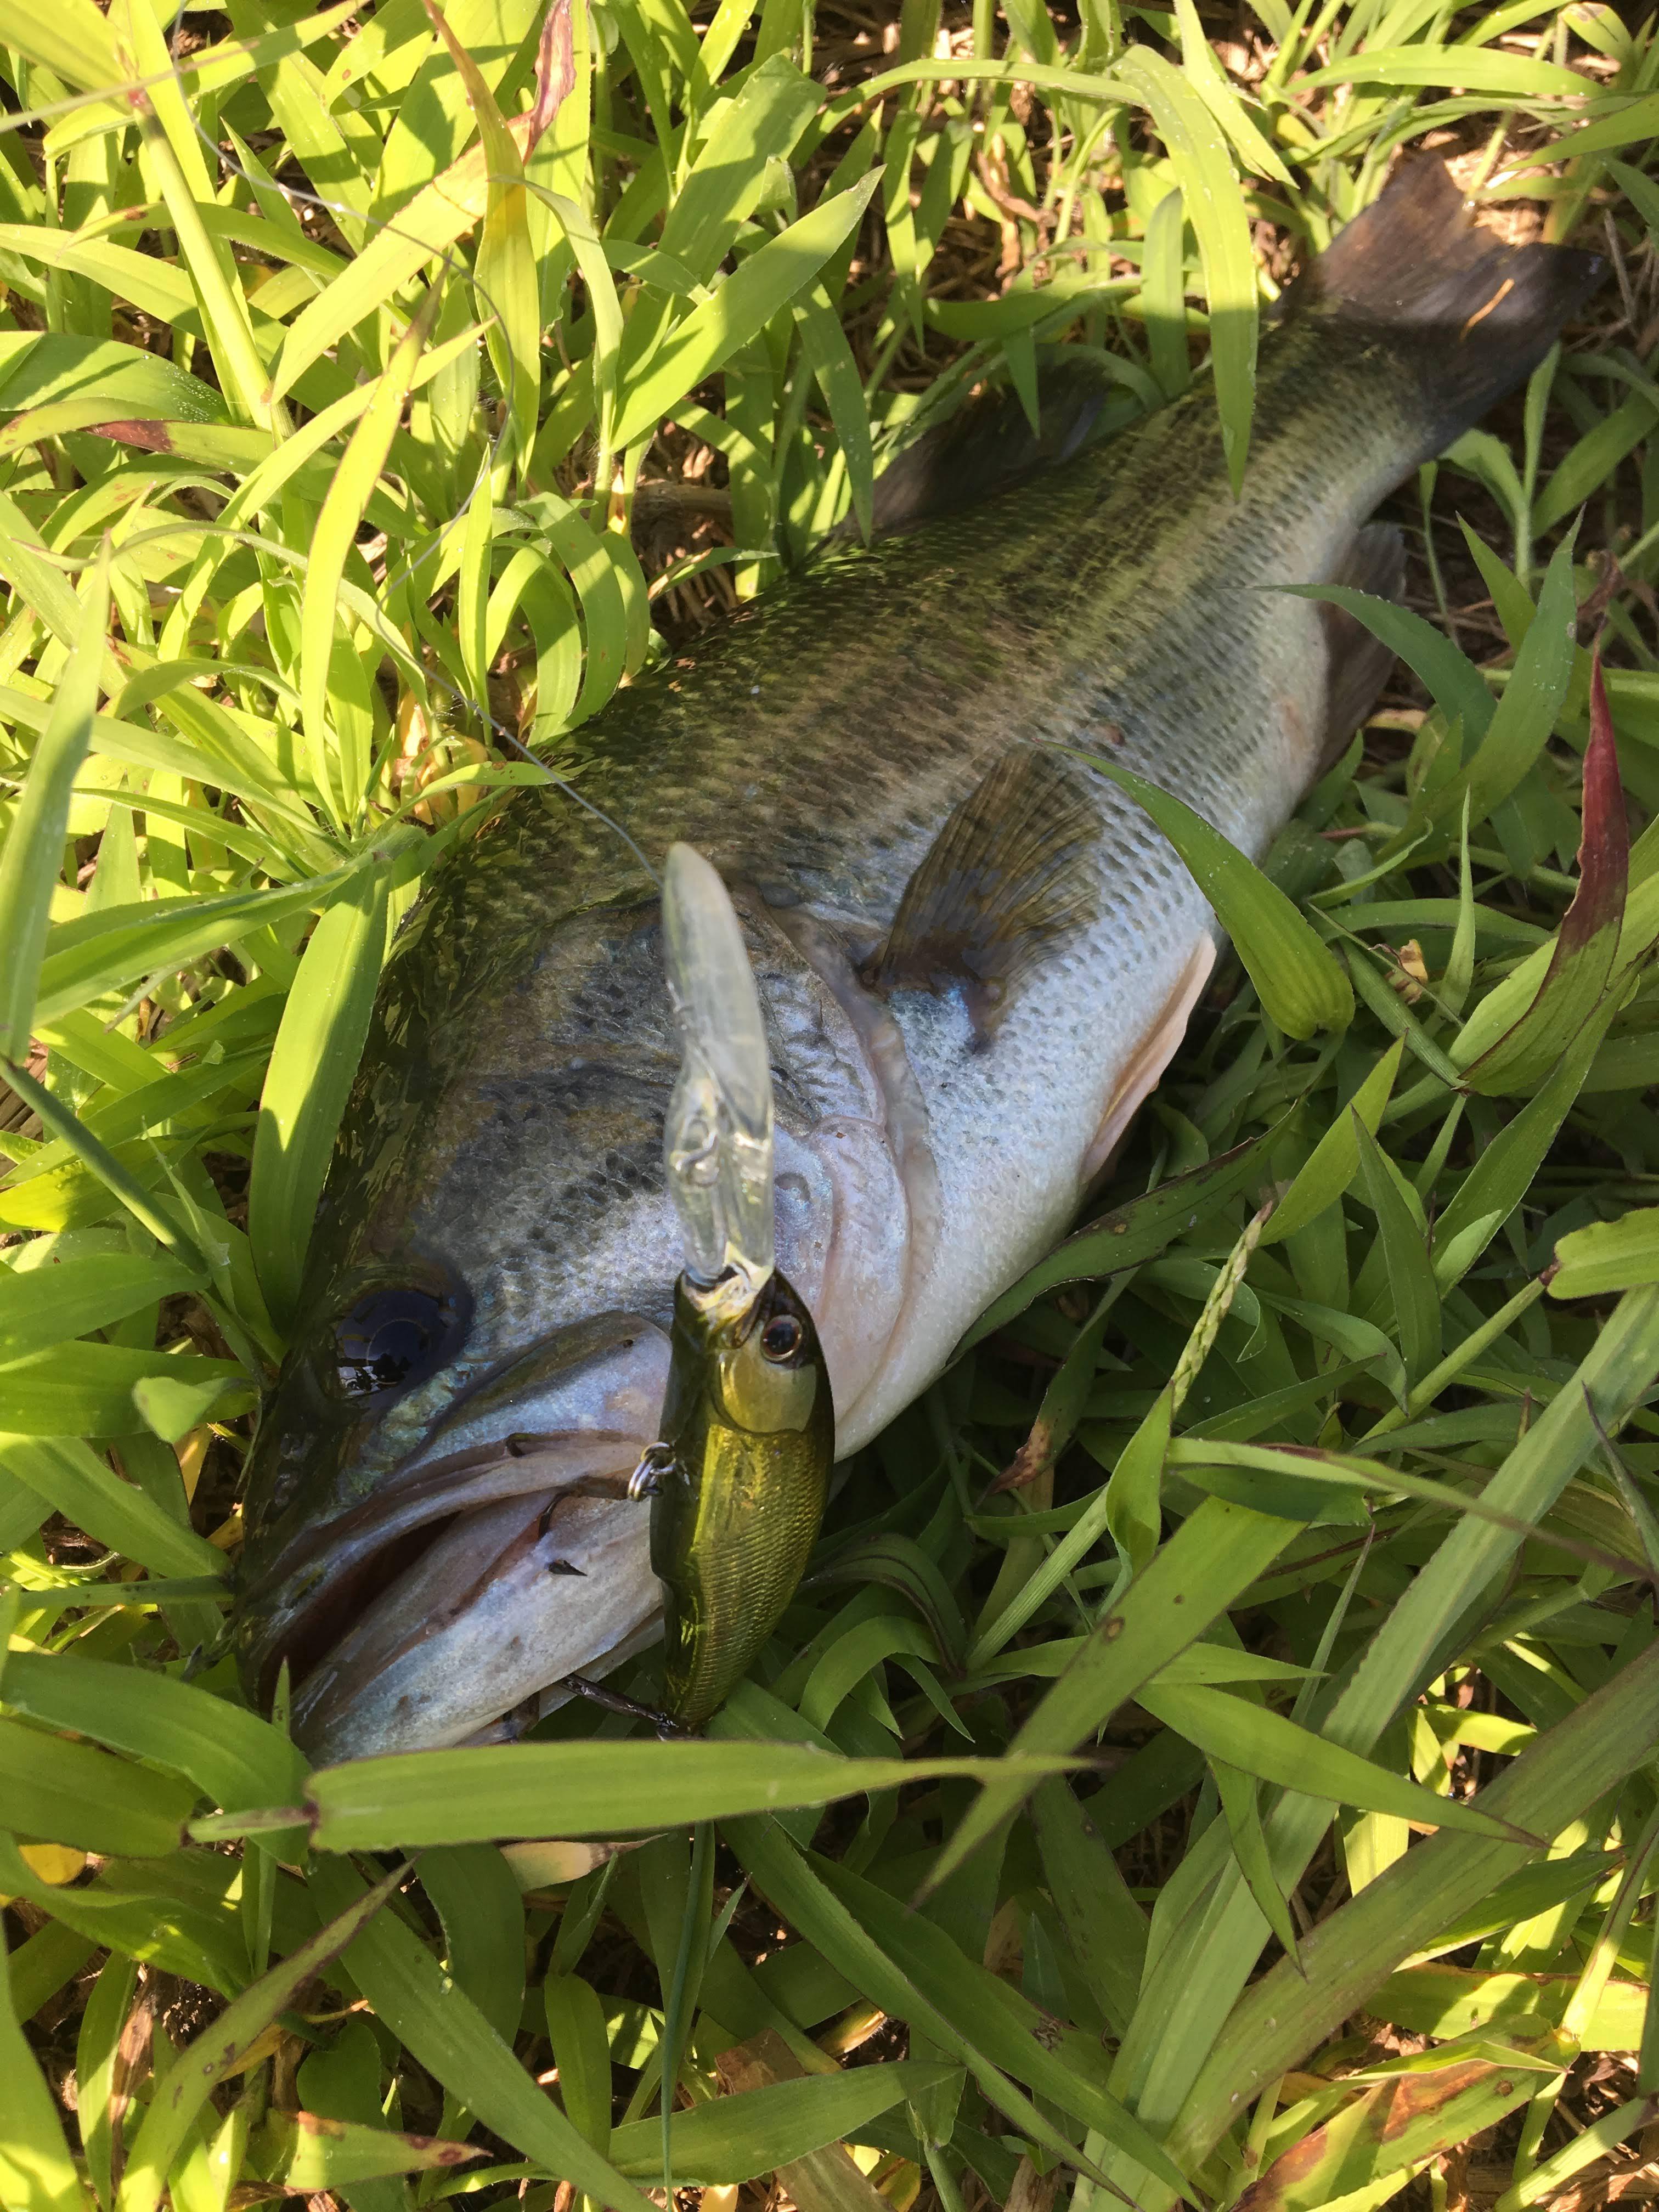 【電車釣行】印旛沼中央排水路 おかっぱりバス釣り 40ジャストを筆頭に7匹ゲット